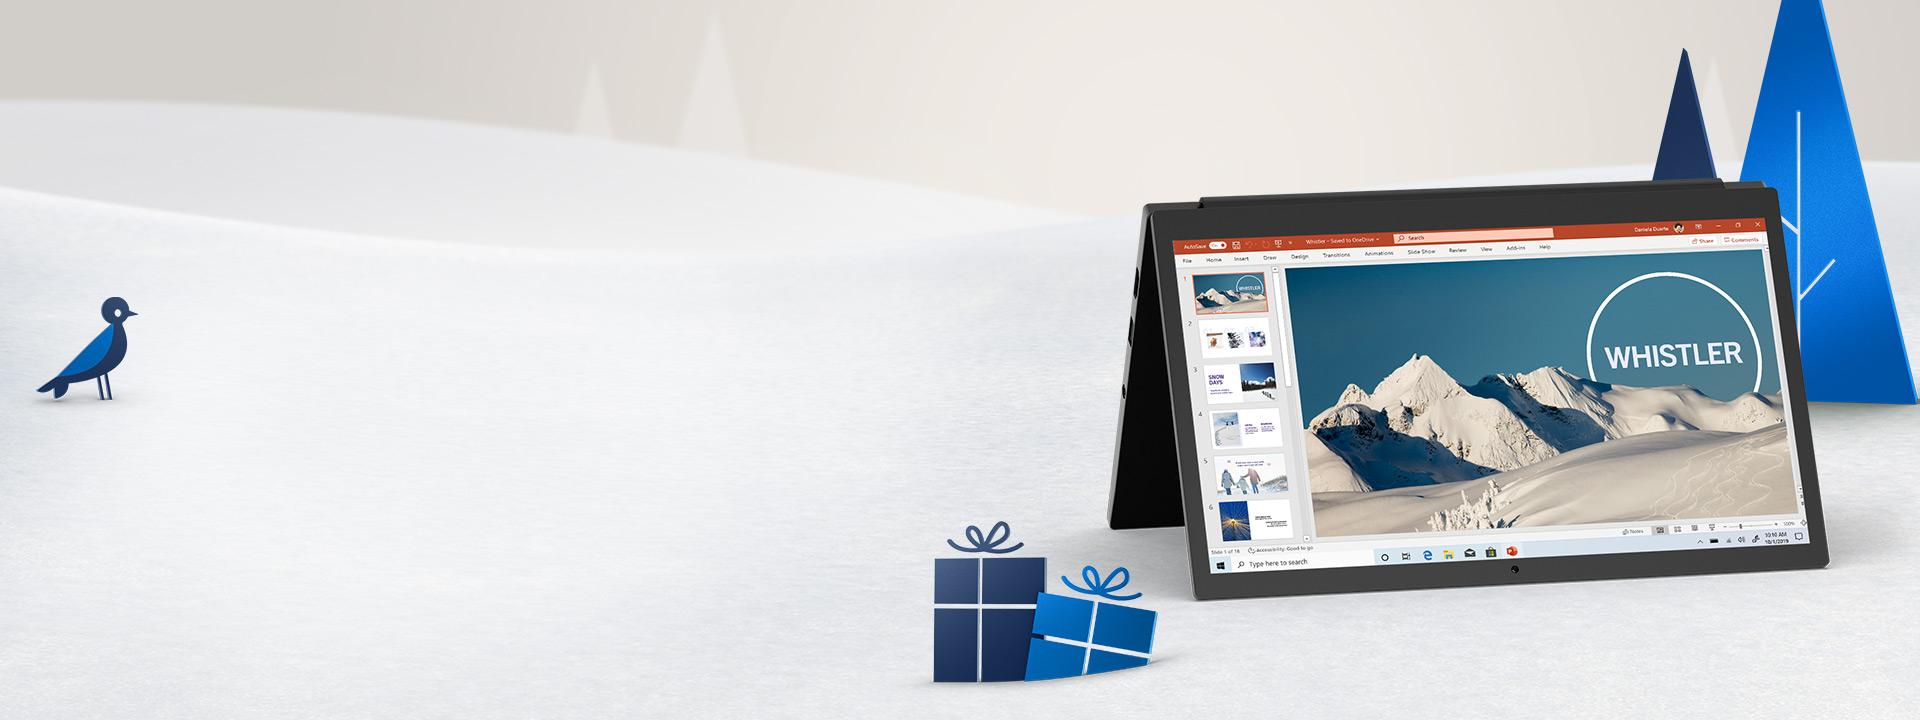 Een pc met een geopend PowerPoint-document, omgeven door een kerstlandschap